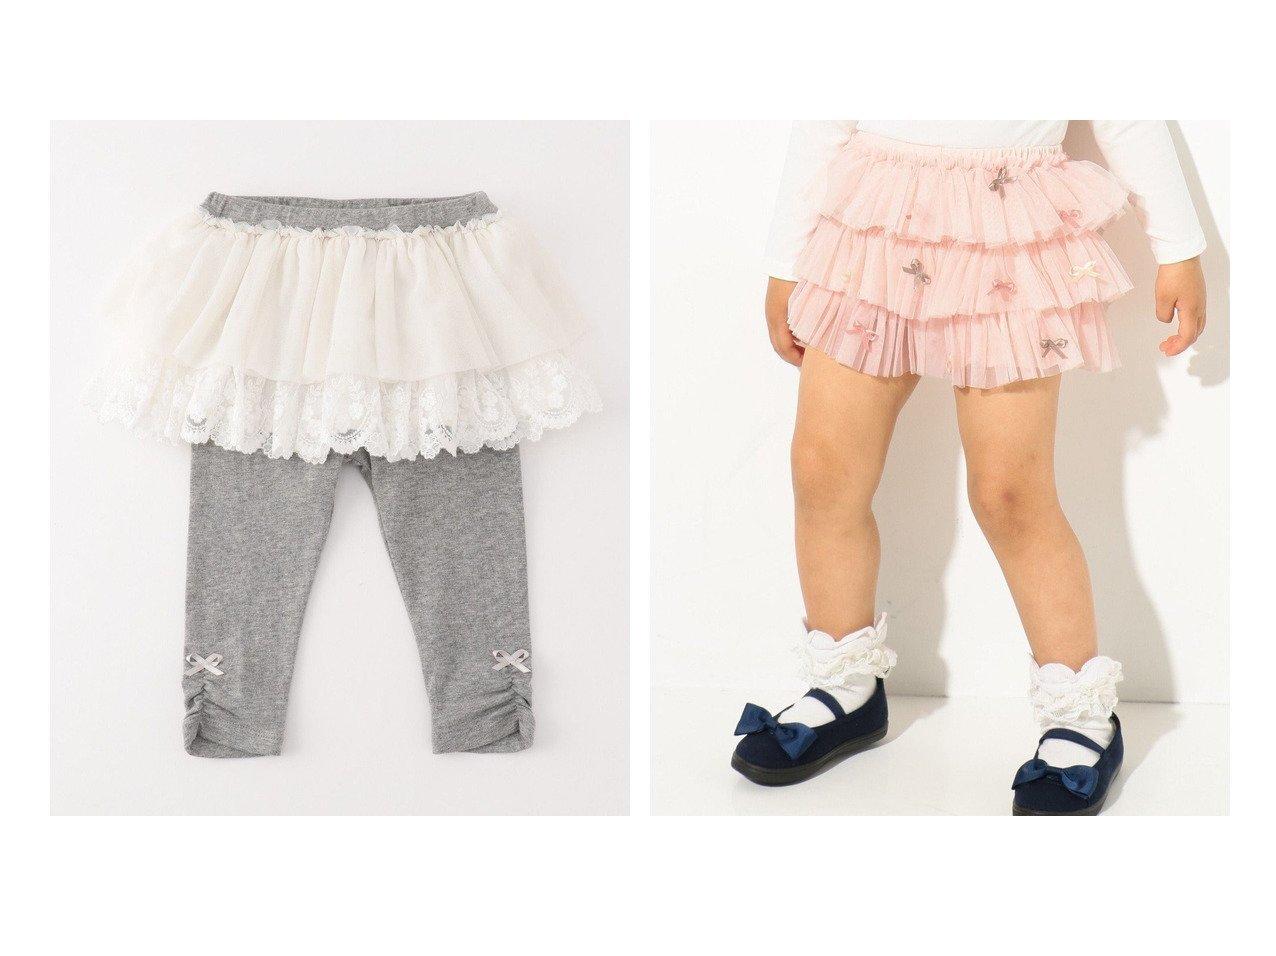 【TOCCA BAMBINI / KIDS/トッカ バンビーニ】の【BABY】レースチュチュ スカッツ&【BABY】RIBBON ブルマー 【BABY】ベビー服のおすすめ!人気、キッズファッションの通販 おすすめで人気の流行・トレンド、ファッションの通販商品 インテリア・家具・メンズファッション・キッズファッション・レディースファッション・服の通販 founy(ファニー) https://founy.com/ ファッション Fashion キッズファッション KIDS 送料無料 Free Shipping チュール リボン レース おすすめ Recommend カットソー ギャザー シルク ベビー  ID:crp329100000044635